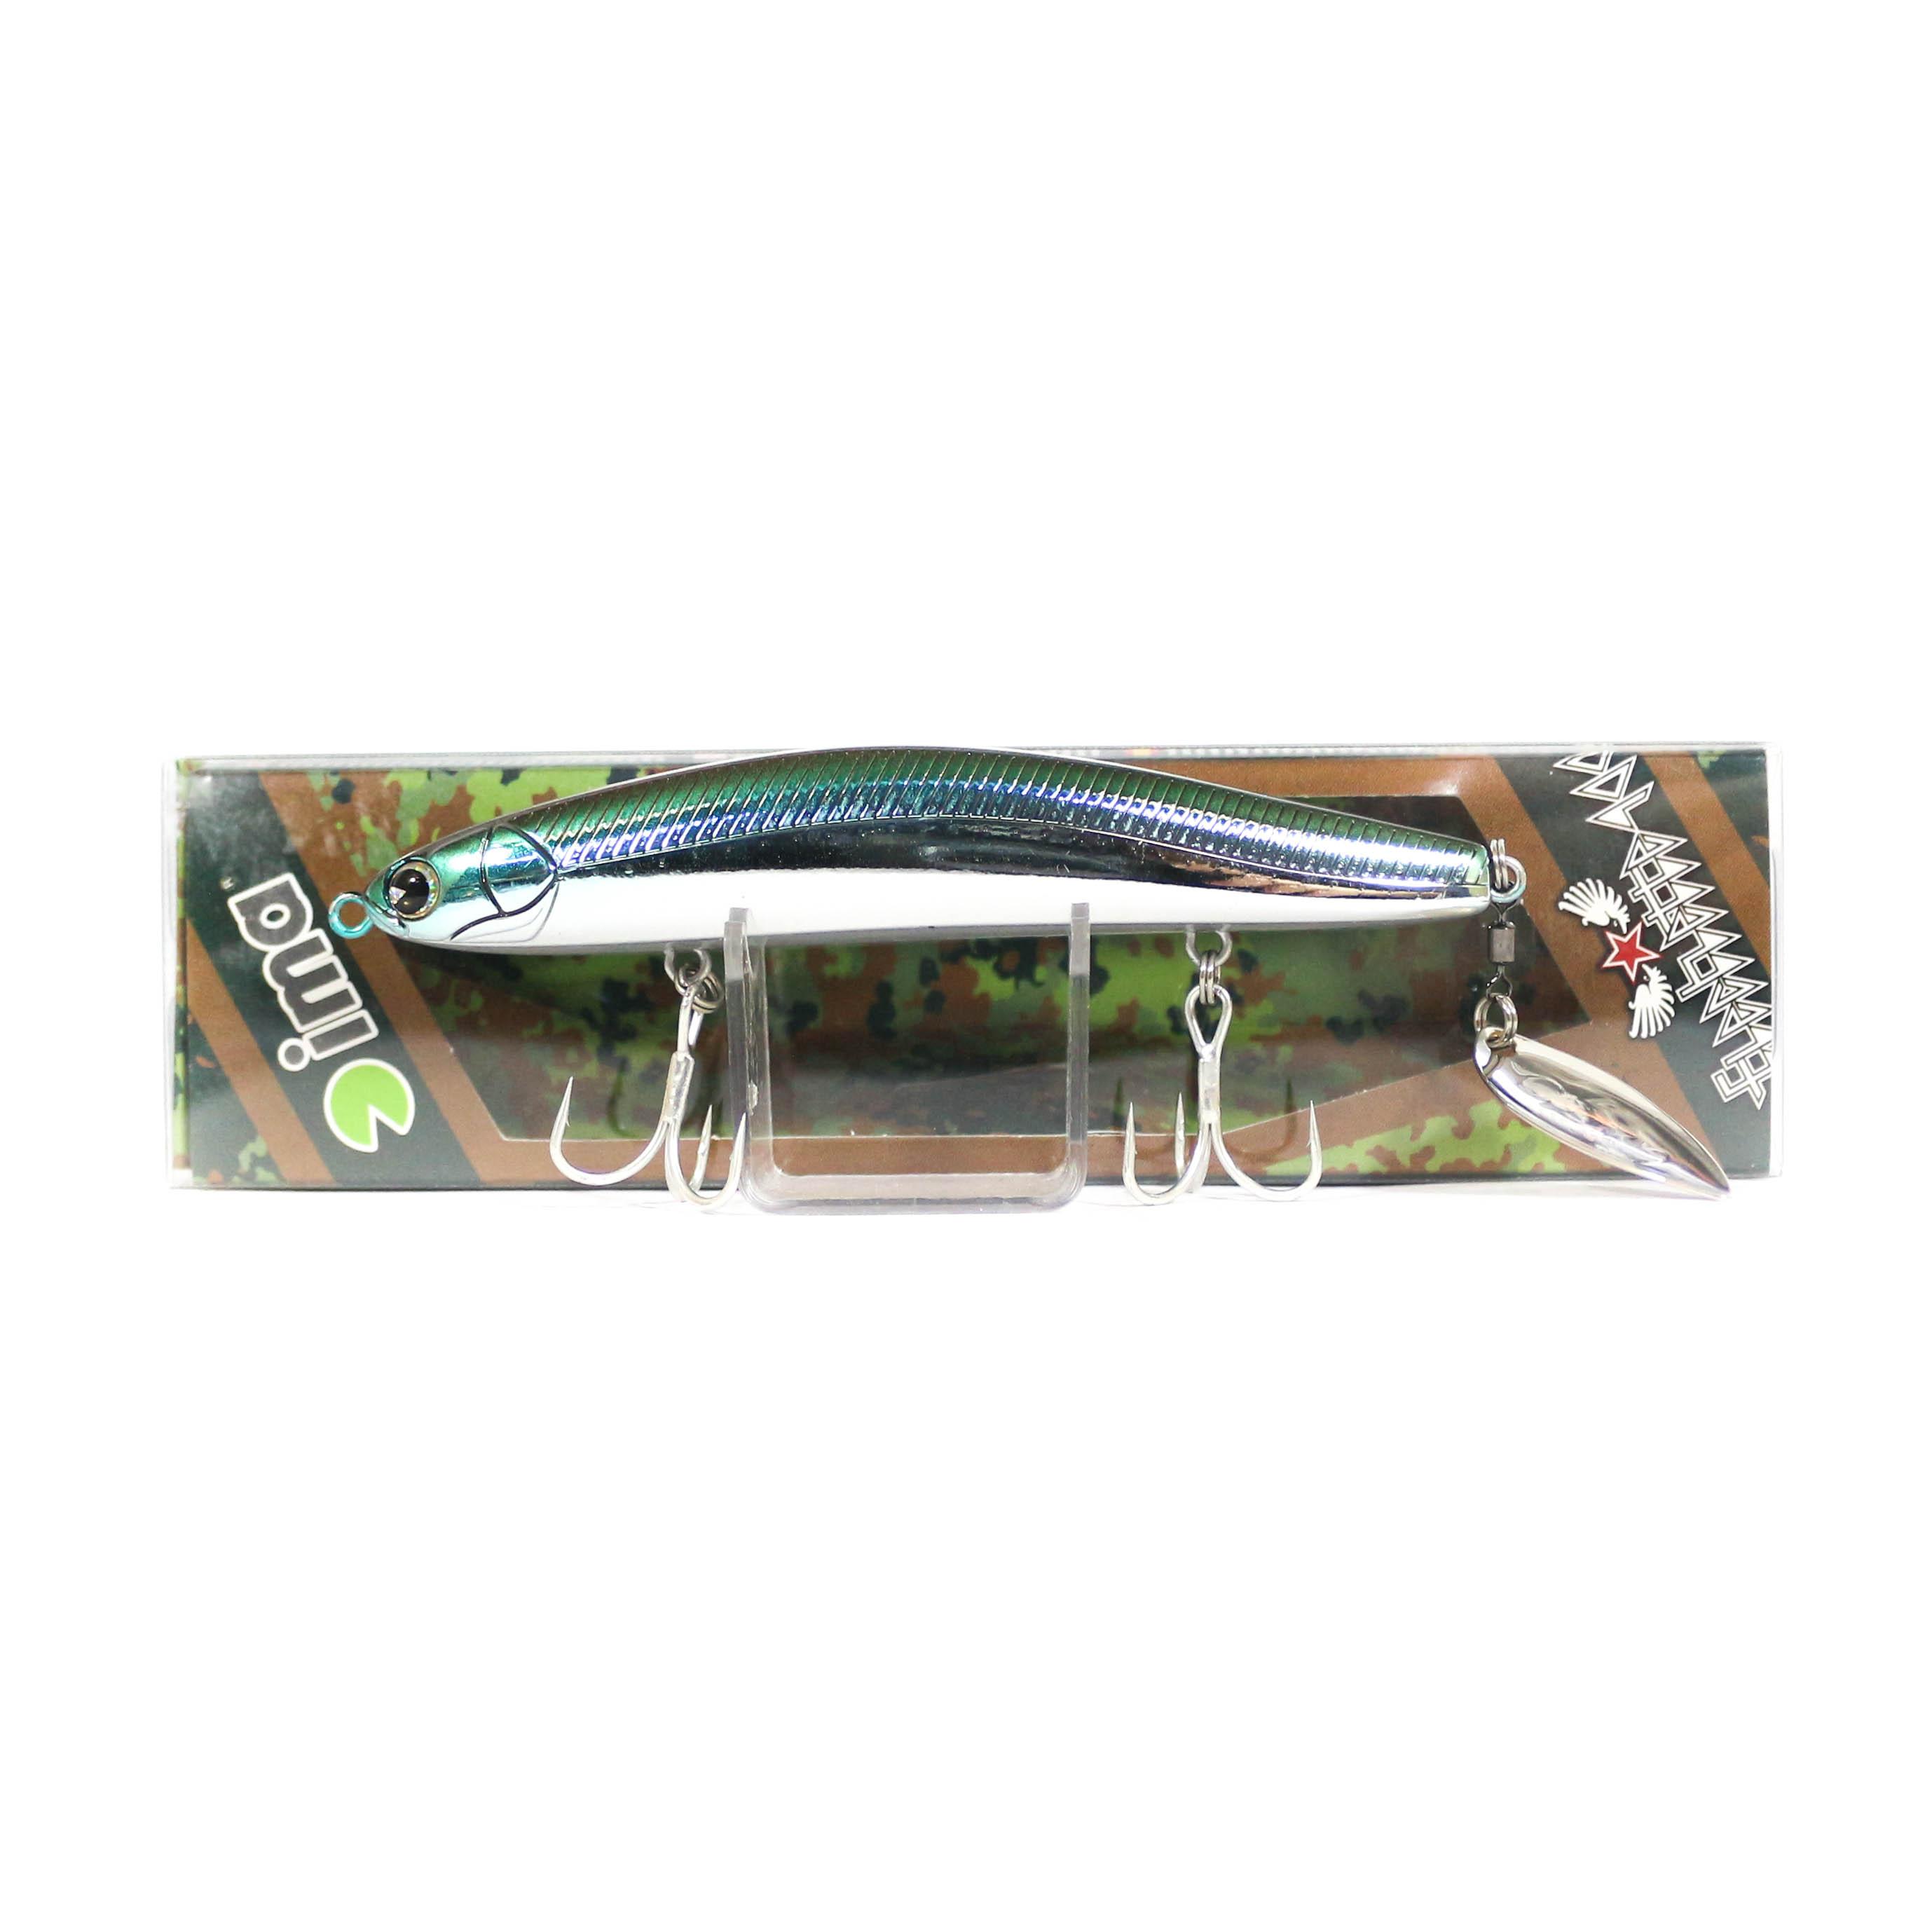 Sale Ima Flechette 100 Sinking Vibe Tail Lure 010 (1094)